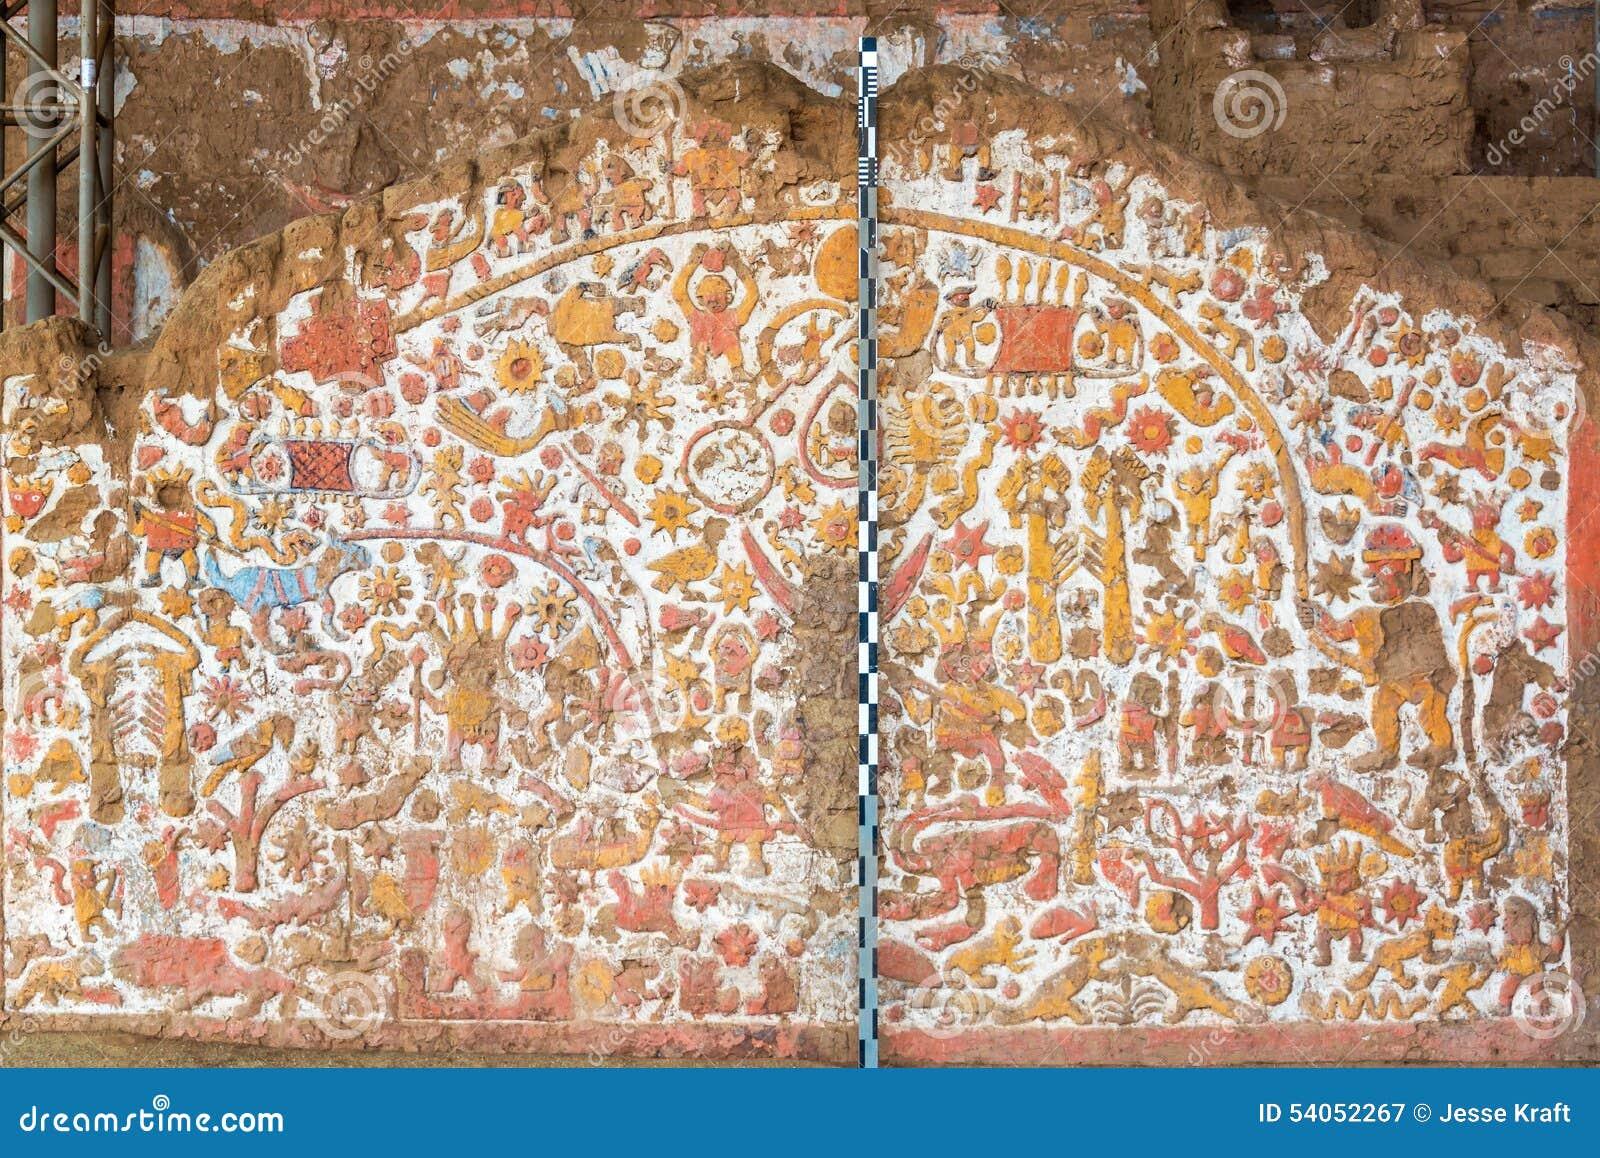 Ancient mural in peru stock photo image 54052267 for Mural la misma luna